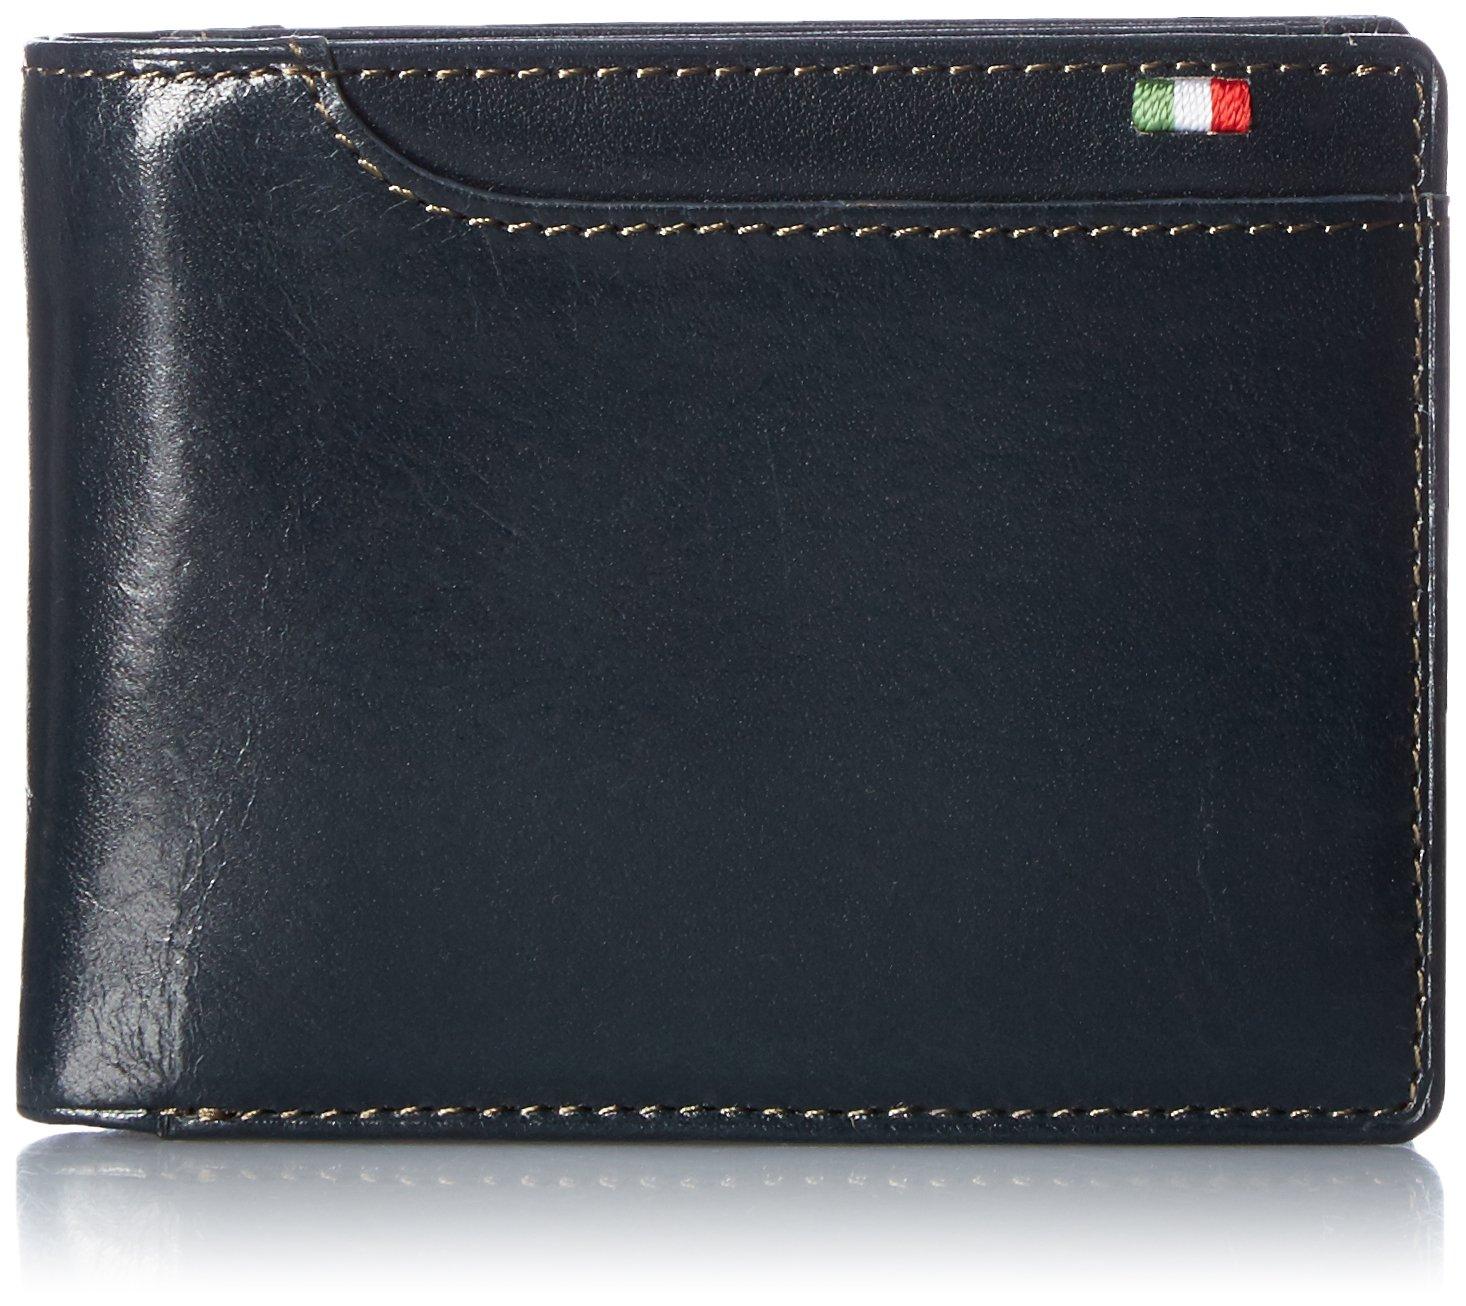 [ミラグロ] 財布 二つ折り財布 小銭入れ ボックス型 タンポナートレザーシリーズ CA-S-2108 B01KLIDEKI ネイビー ネイビー